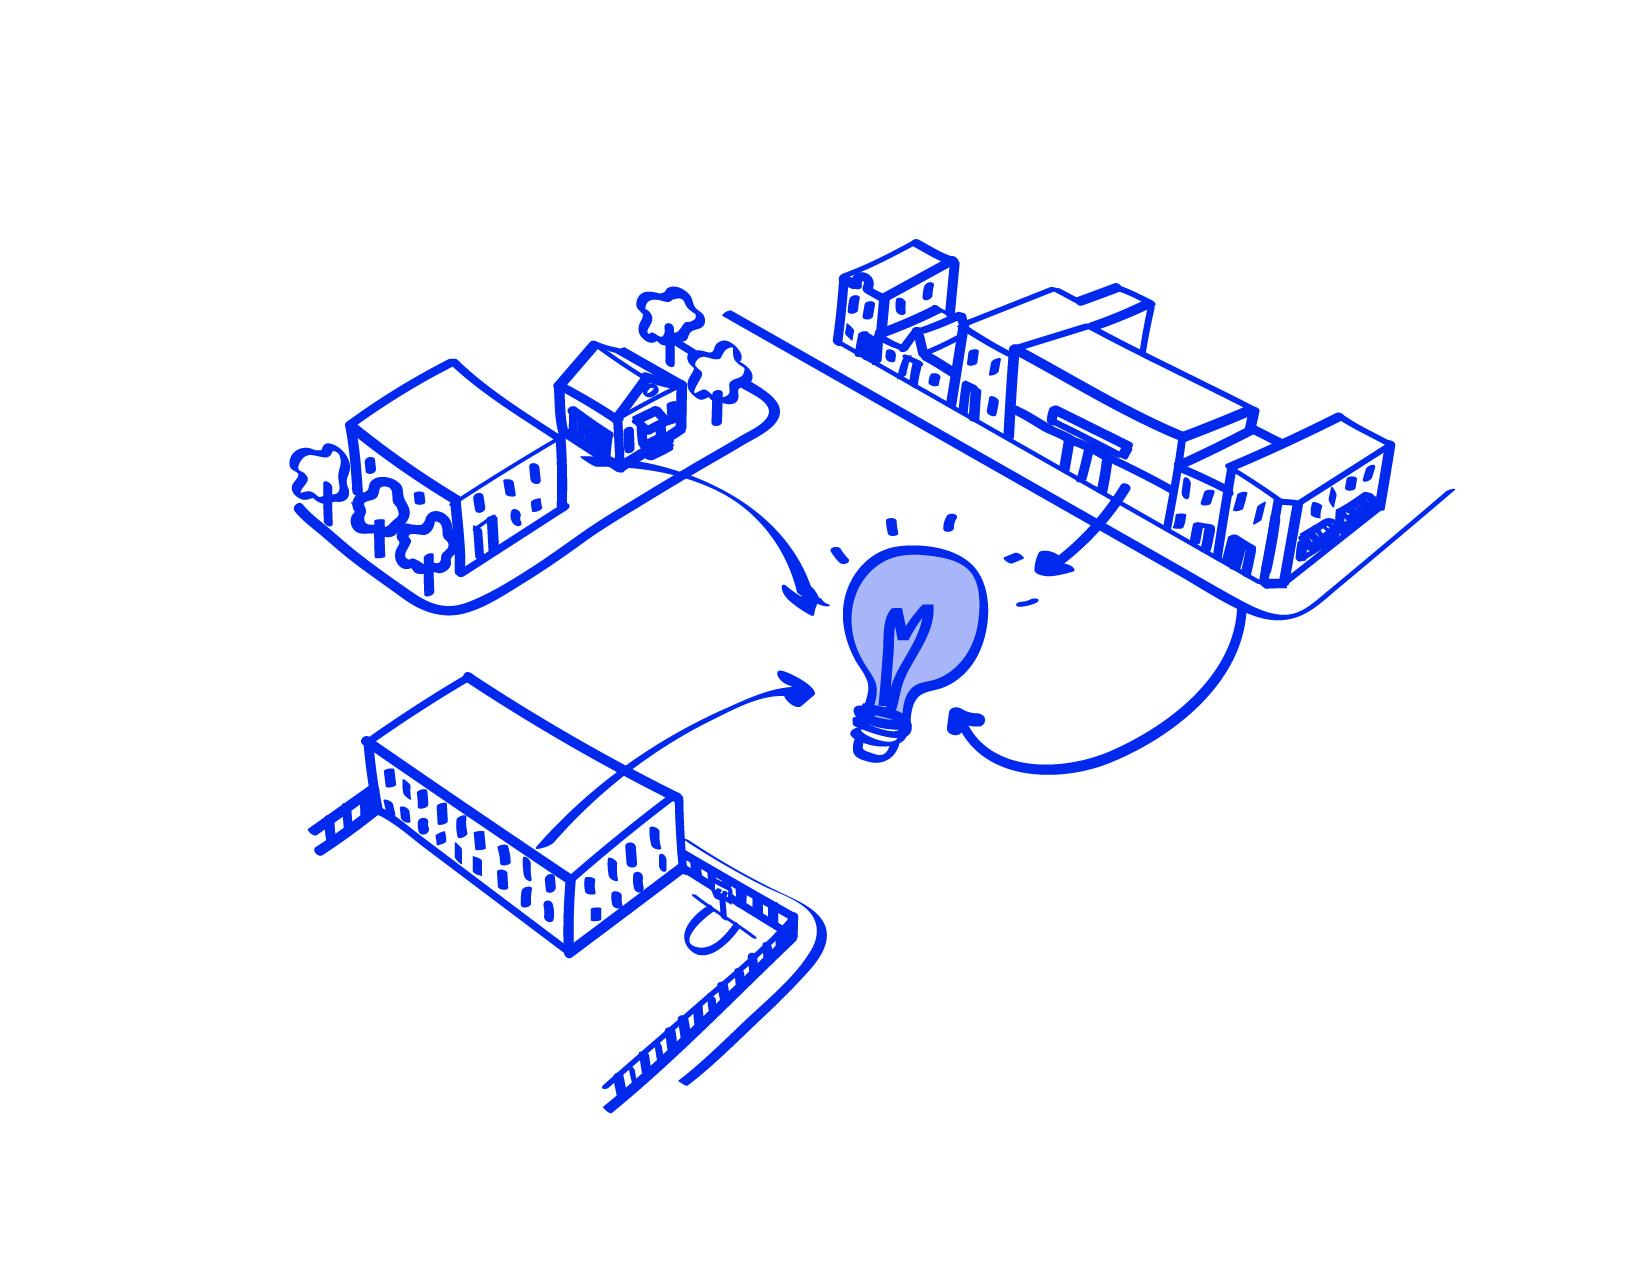 4. MOBILISER LE MILIEU   Une fois la cohorte formée, les porteurs de projets entament une première activité de mobilisation au sein de la communauté afin de renforcer l'ancrage dans la collectivité et de multiplier les collaborations avec les organismes du milieu, les habitants et les commerçants.